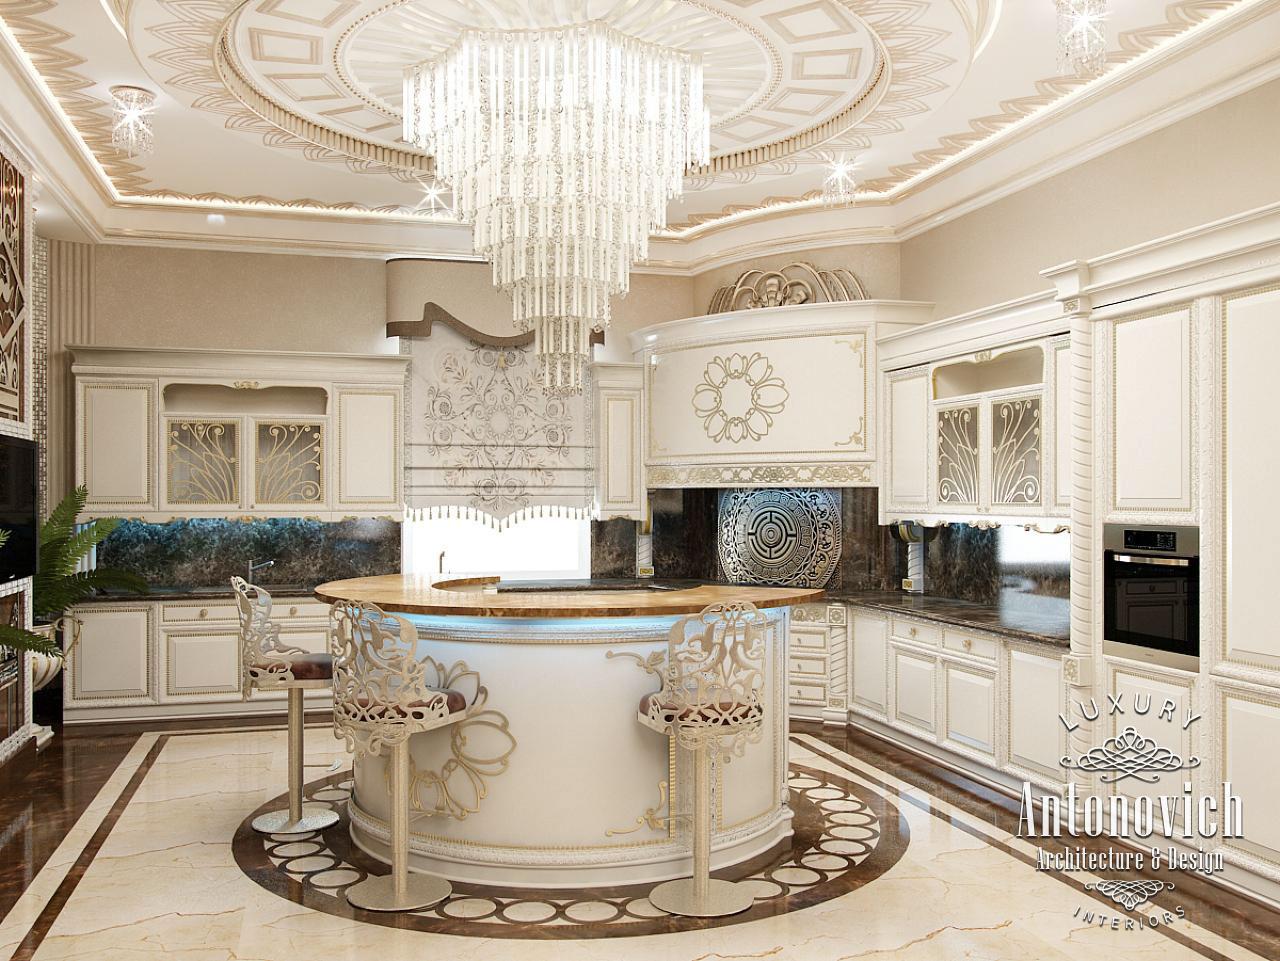 Kitchens dubai from antonovich design - Kitchens Dubai From Antonovich Design